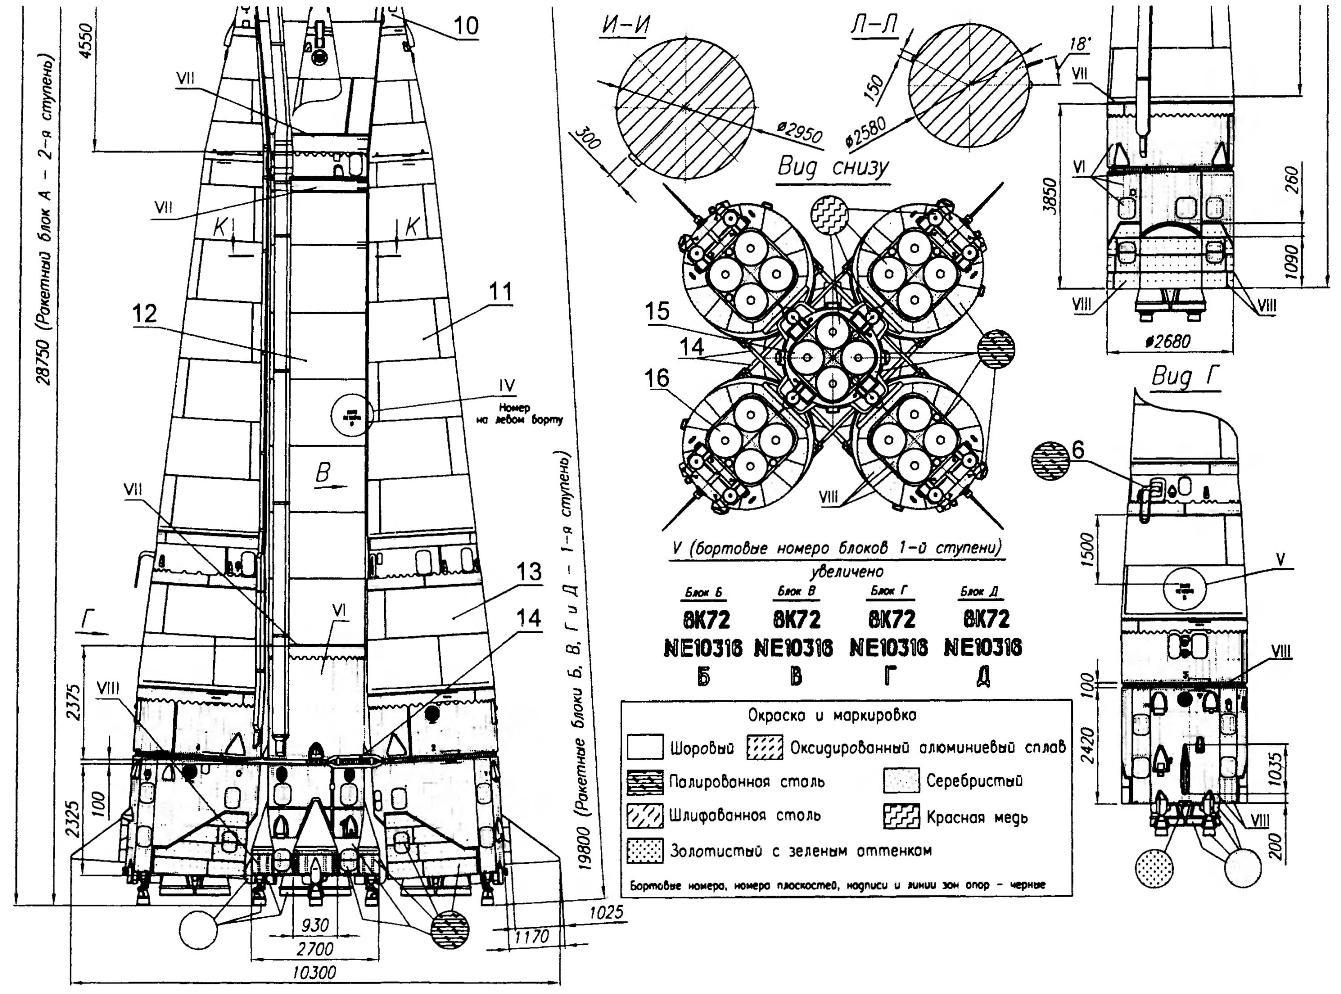 Рис.3. Ракета-носитель с космическим кораблем «Восток-1»